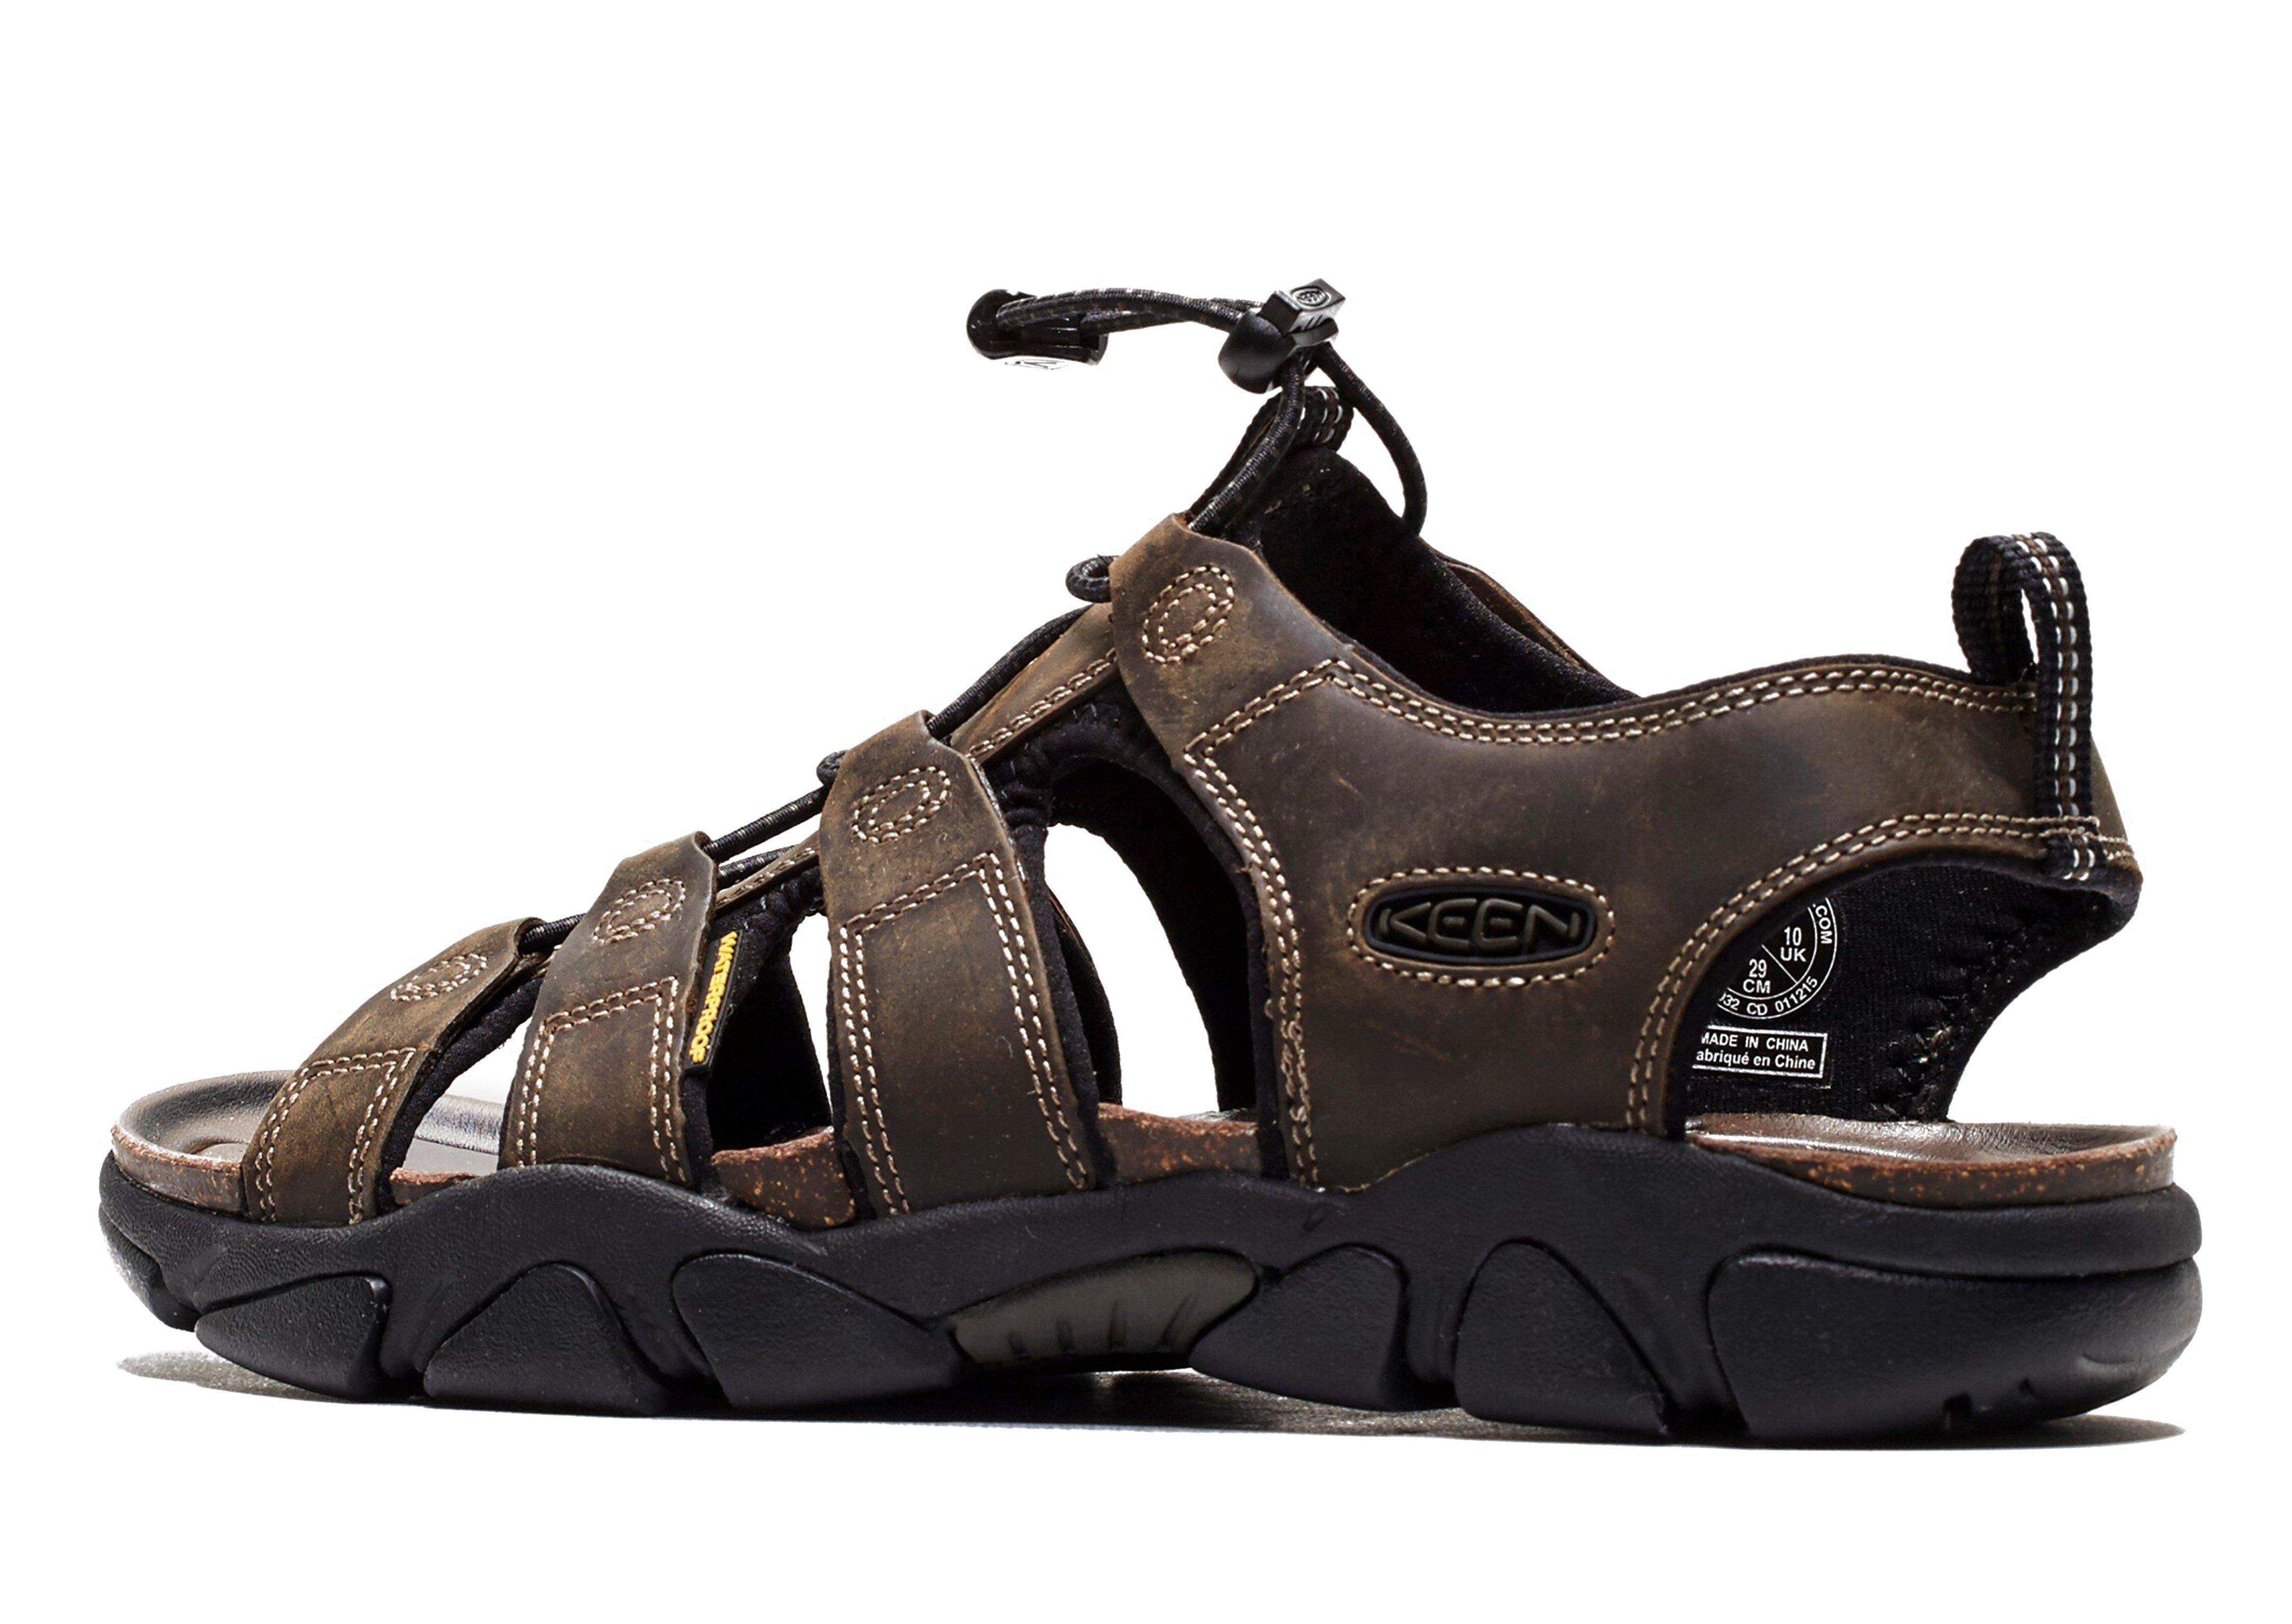 Keen Daytona Sandal In Brown For Men Lyst